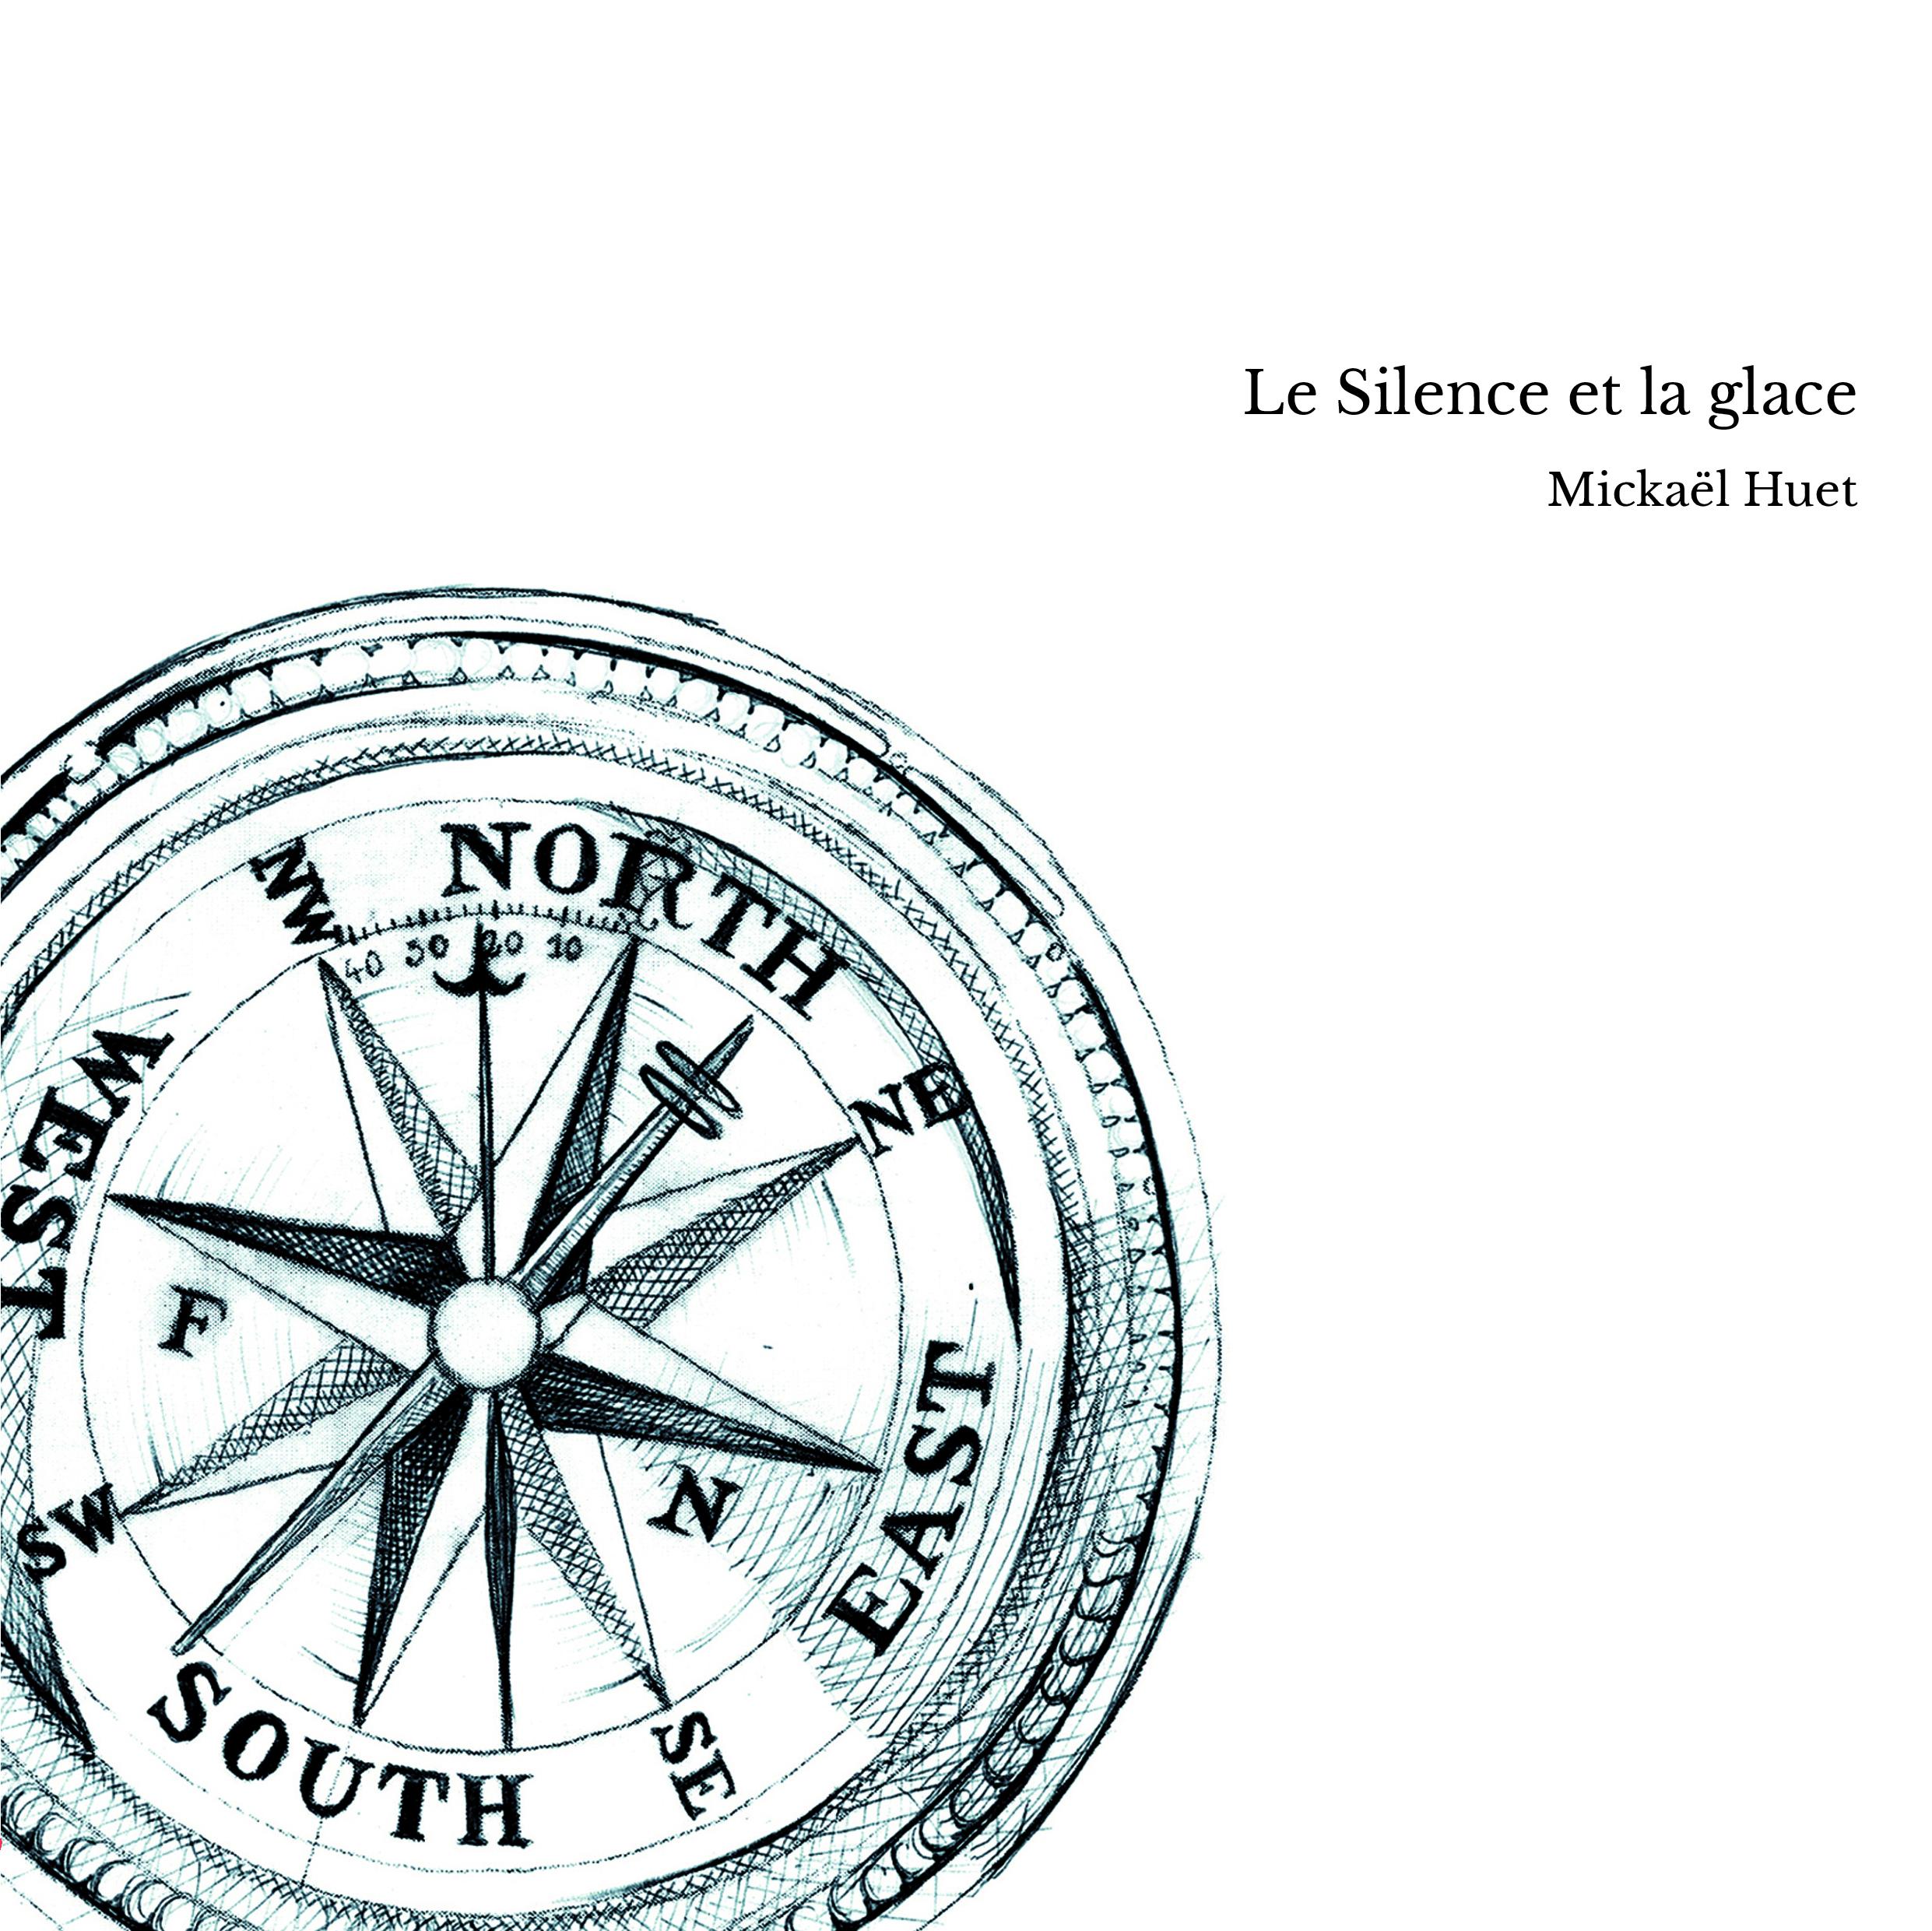 Le Silence et la glace